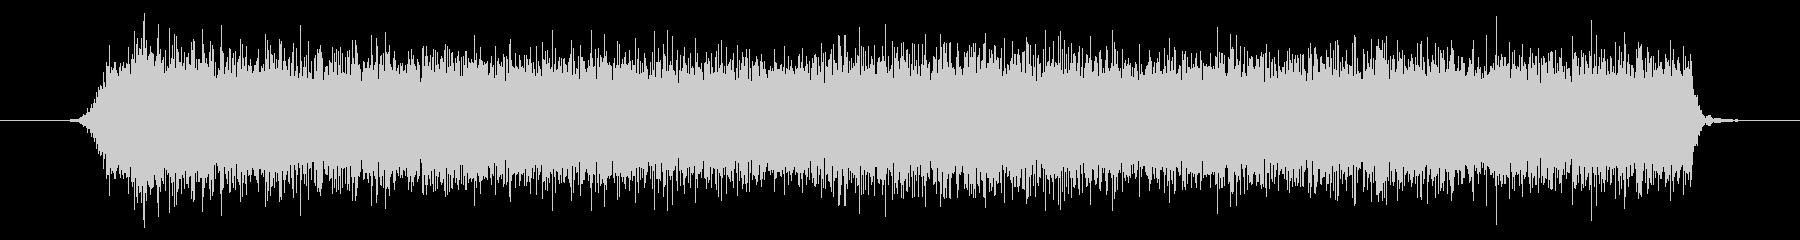 エアーダスター01-6の未再生の波形